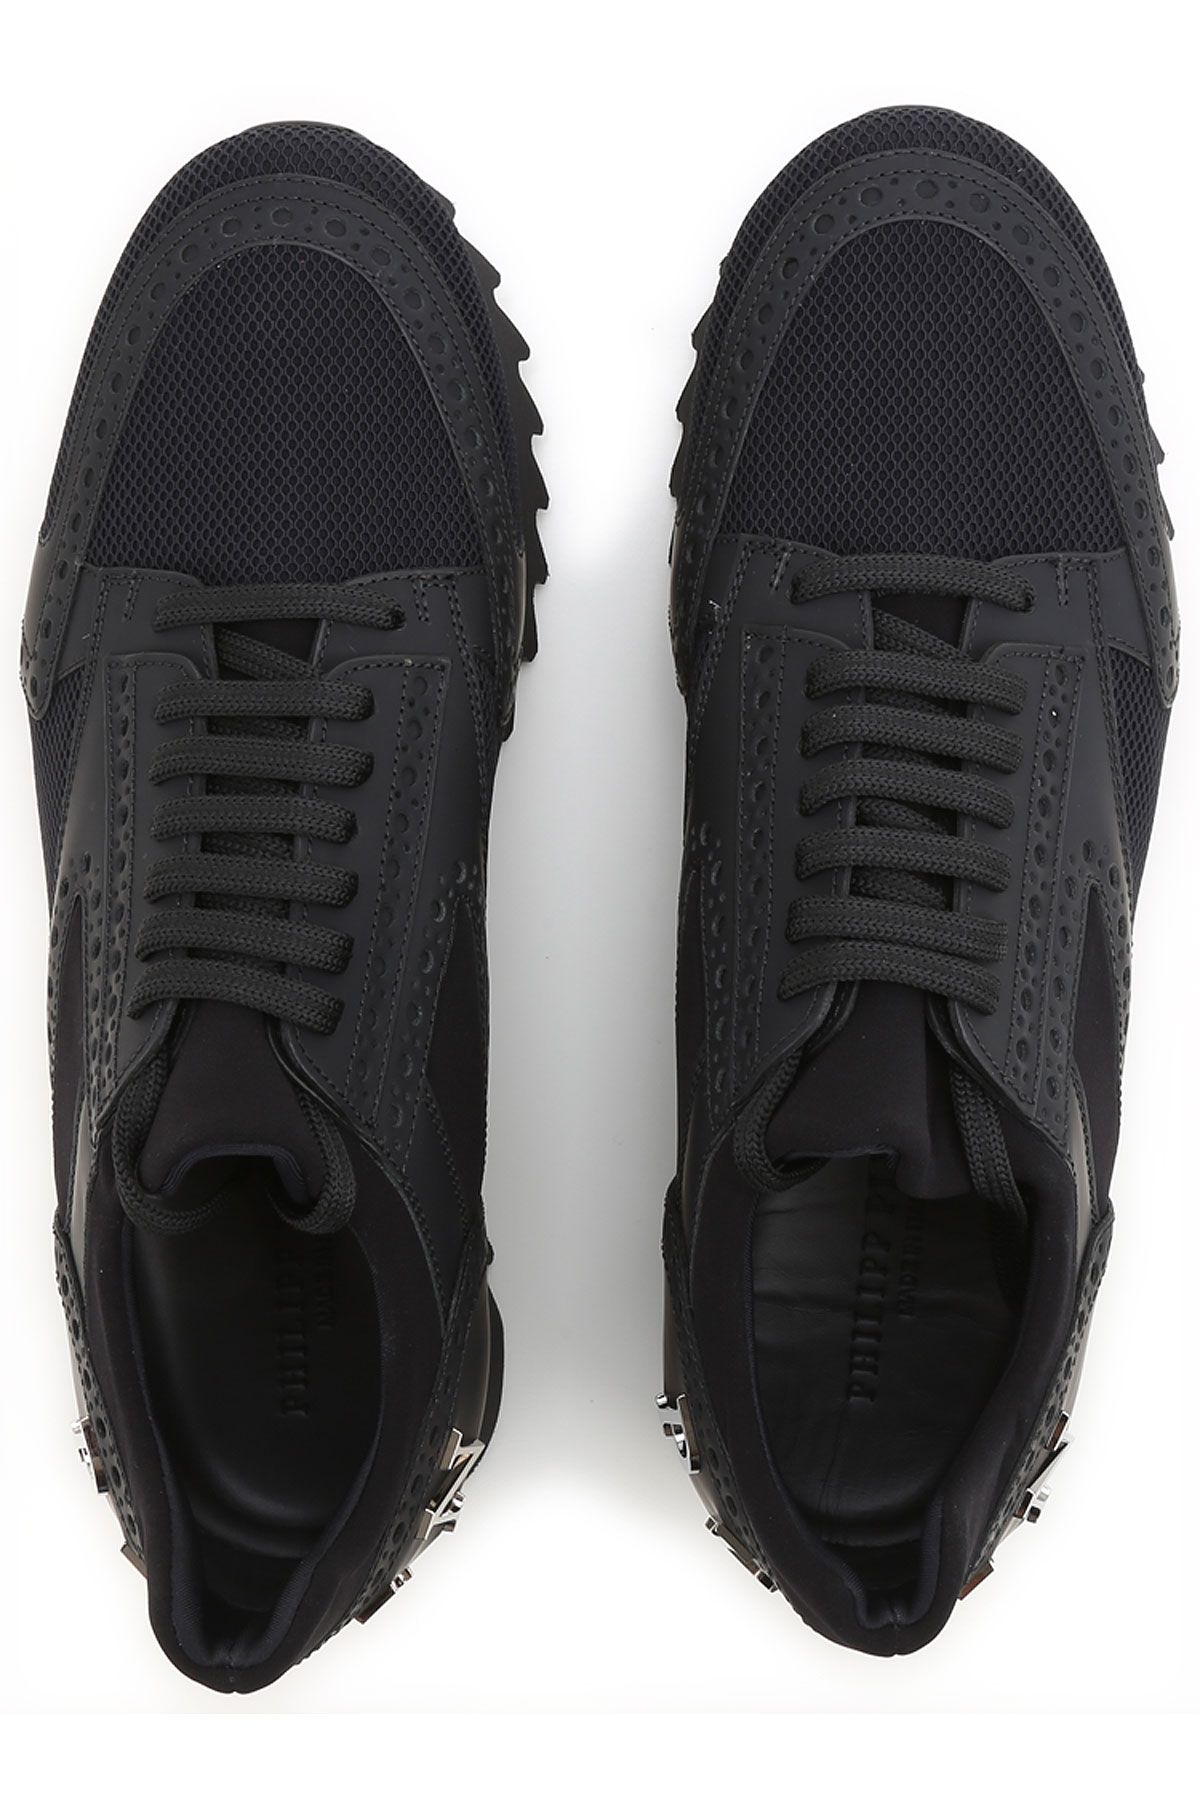 8d9456918d1 Mens Shoes Philipp Plein | MEN'S FOOTWEAR | Shoes, Fashion, Men